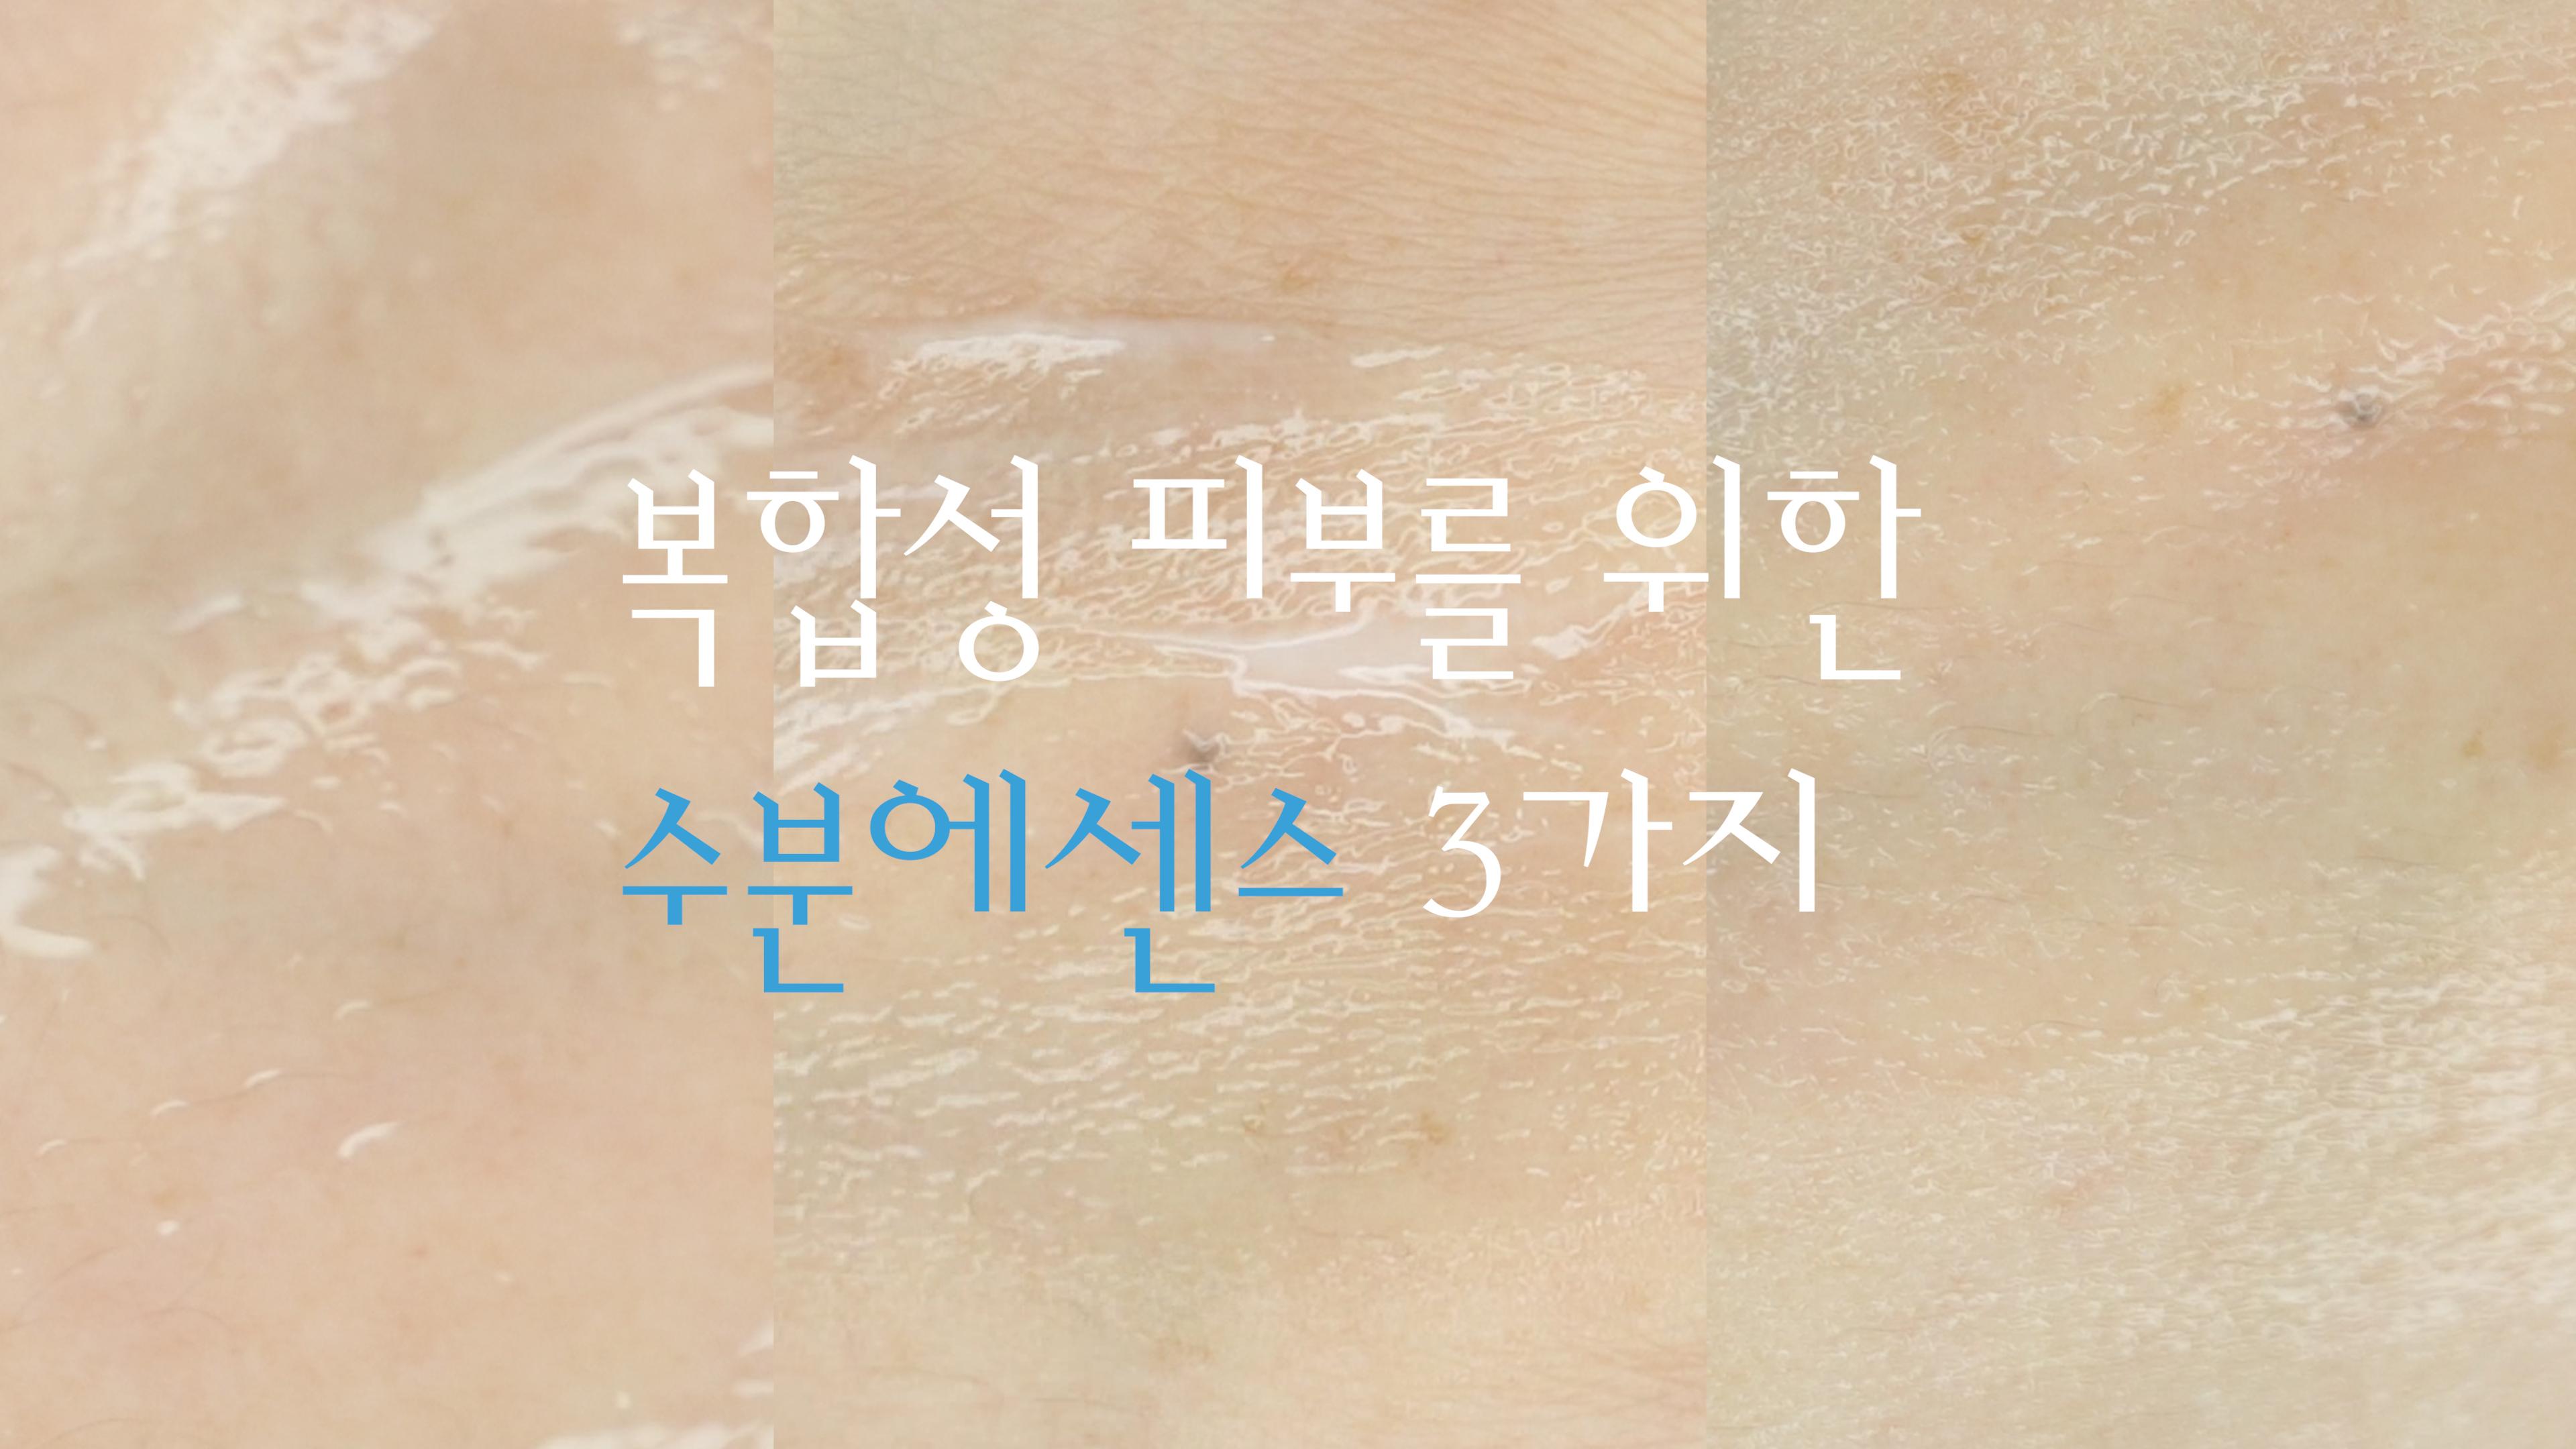 [1분팁] 복합성 피부를 위한 수분에센스 3가지